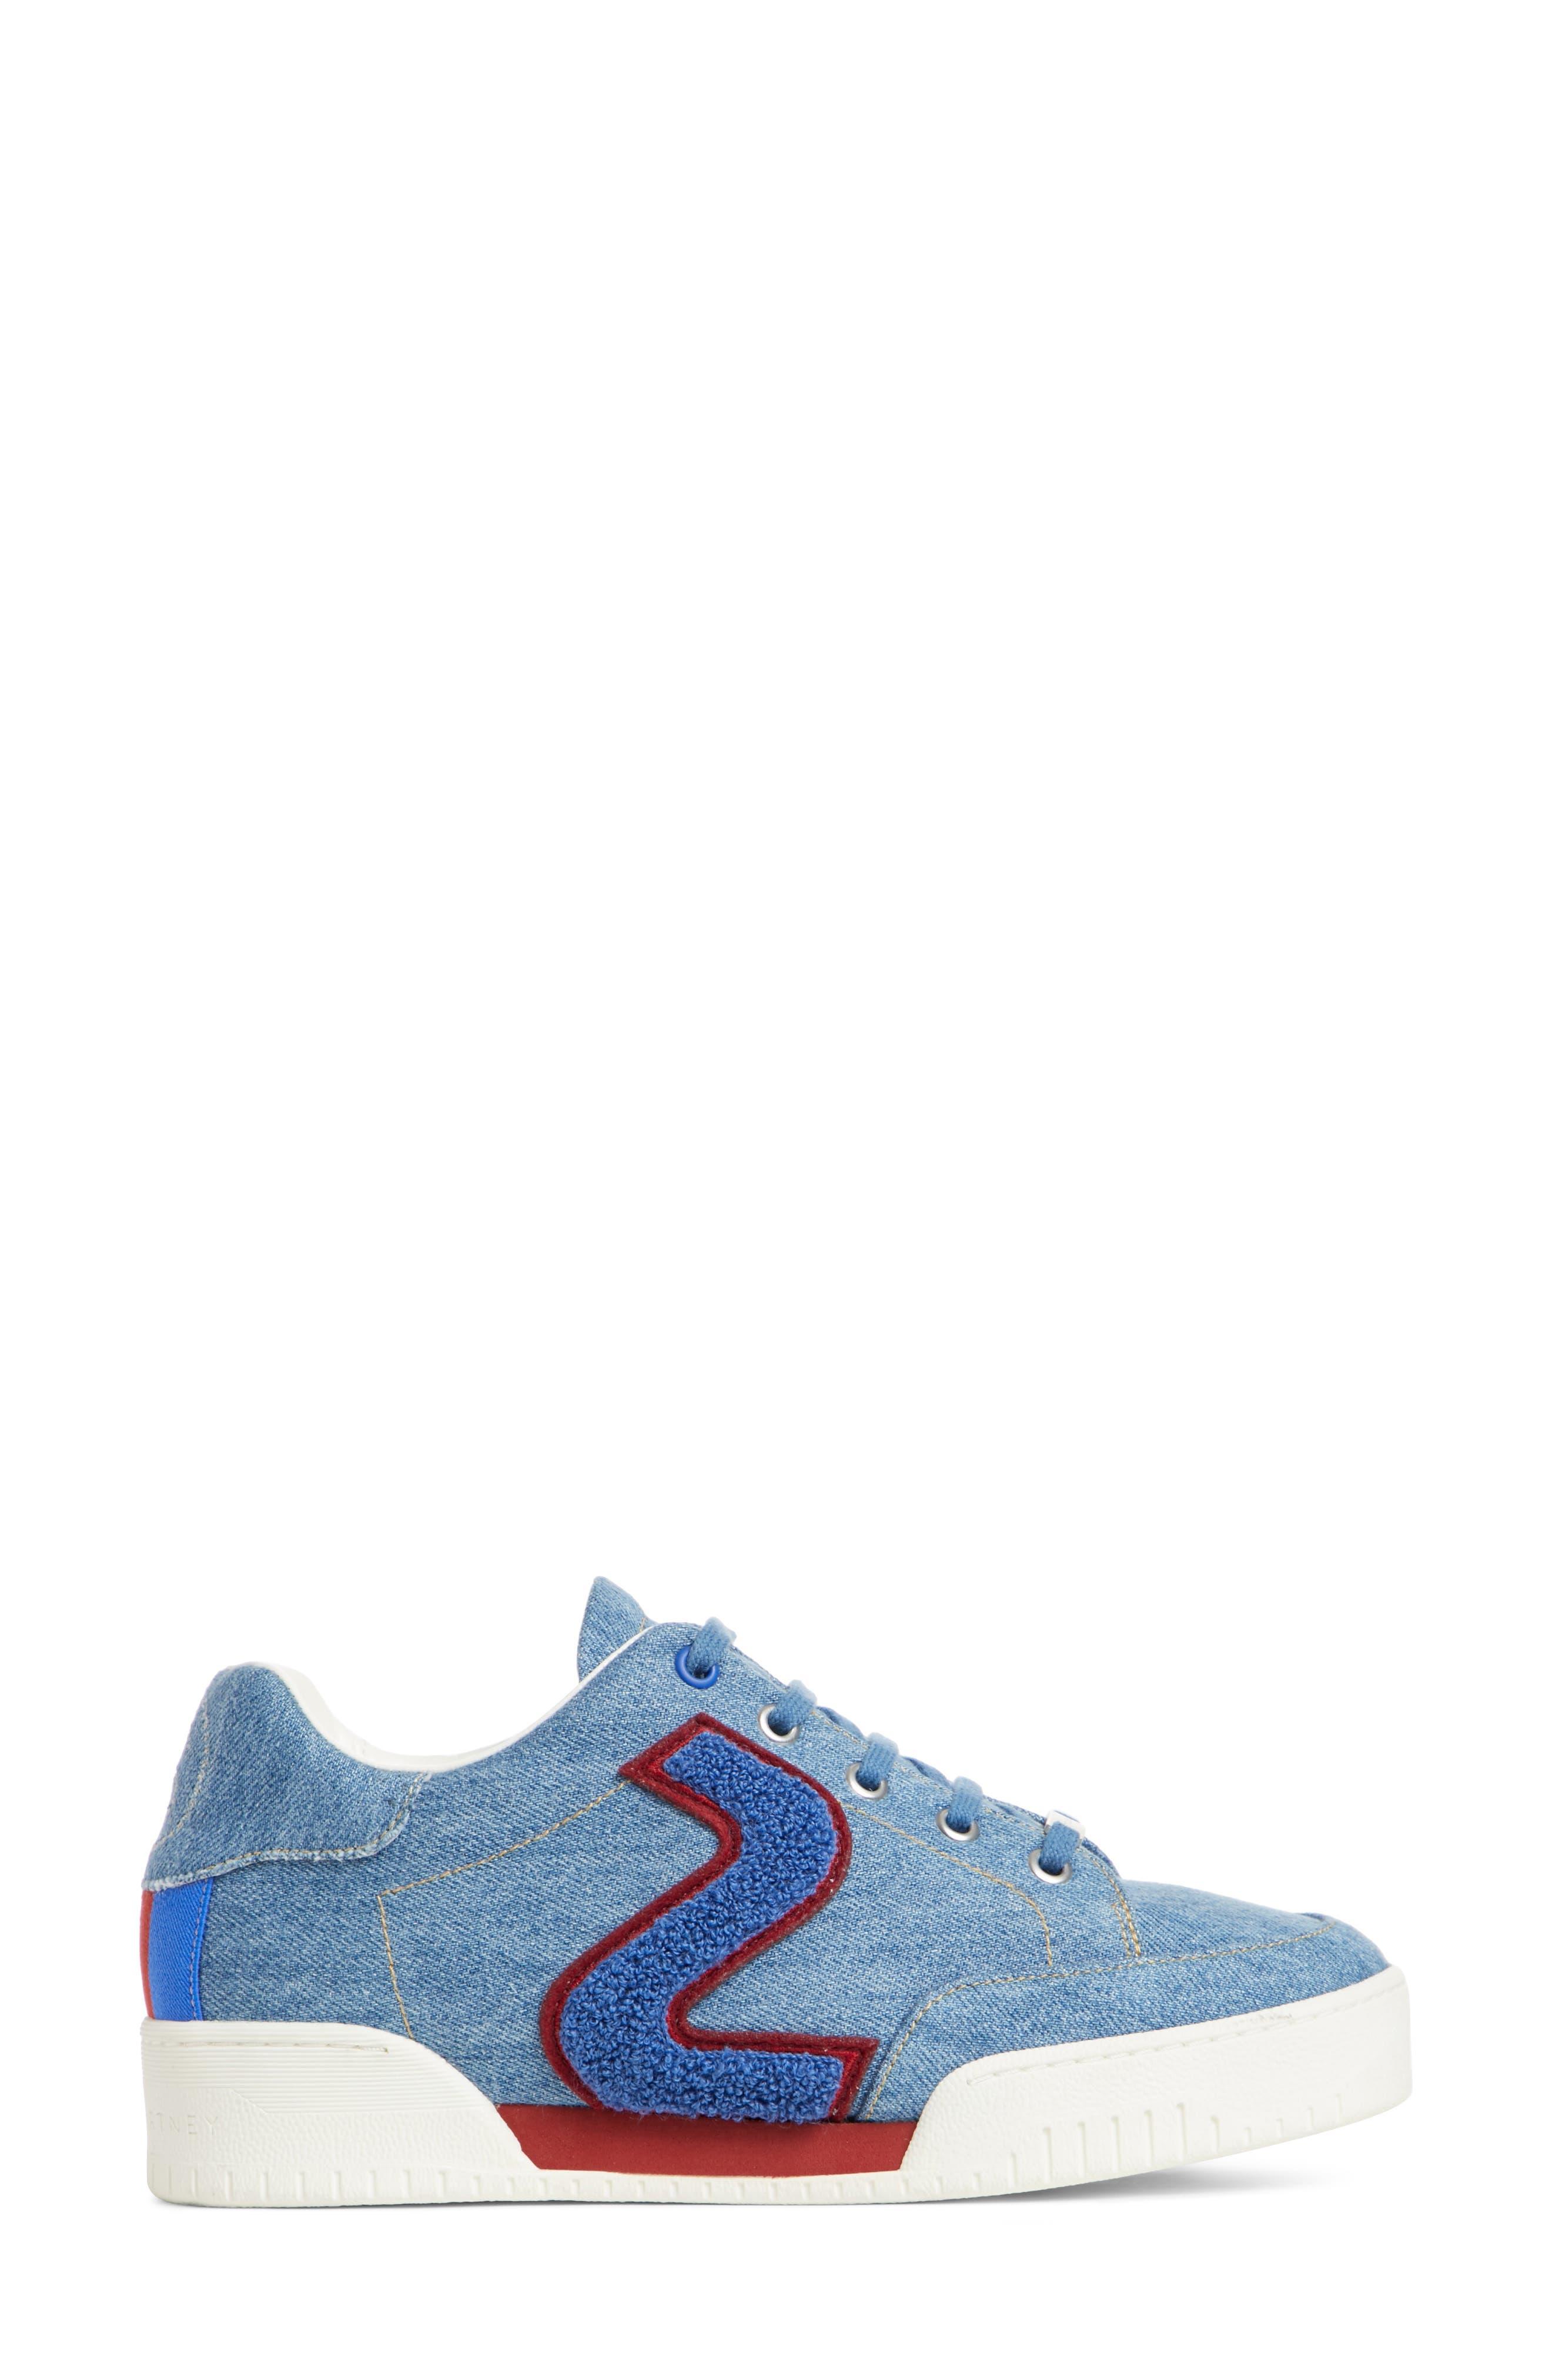 Low Top Sneaker,                             Alternate thumbnail 3, color,